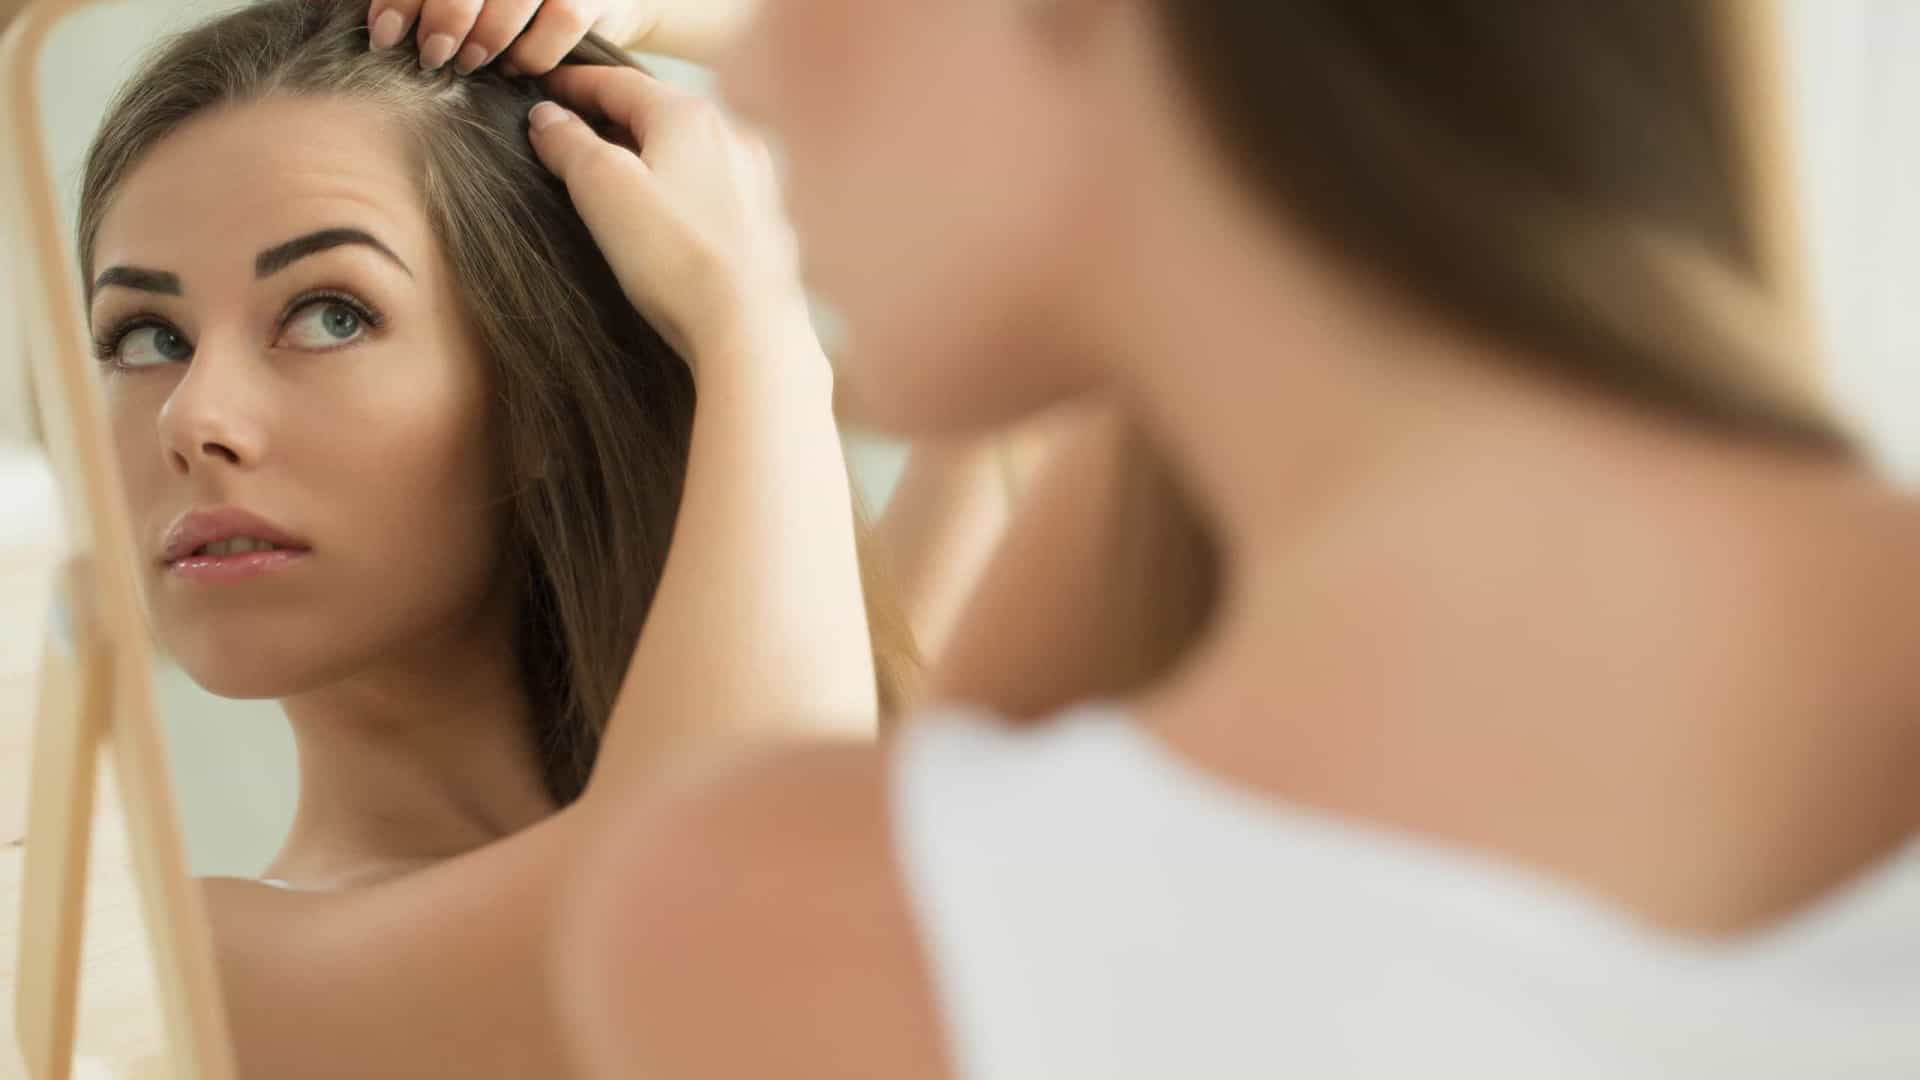 Sofre de queda de cabelo? Tome estas três vitaminas